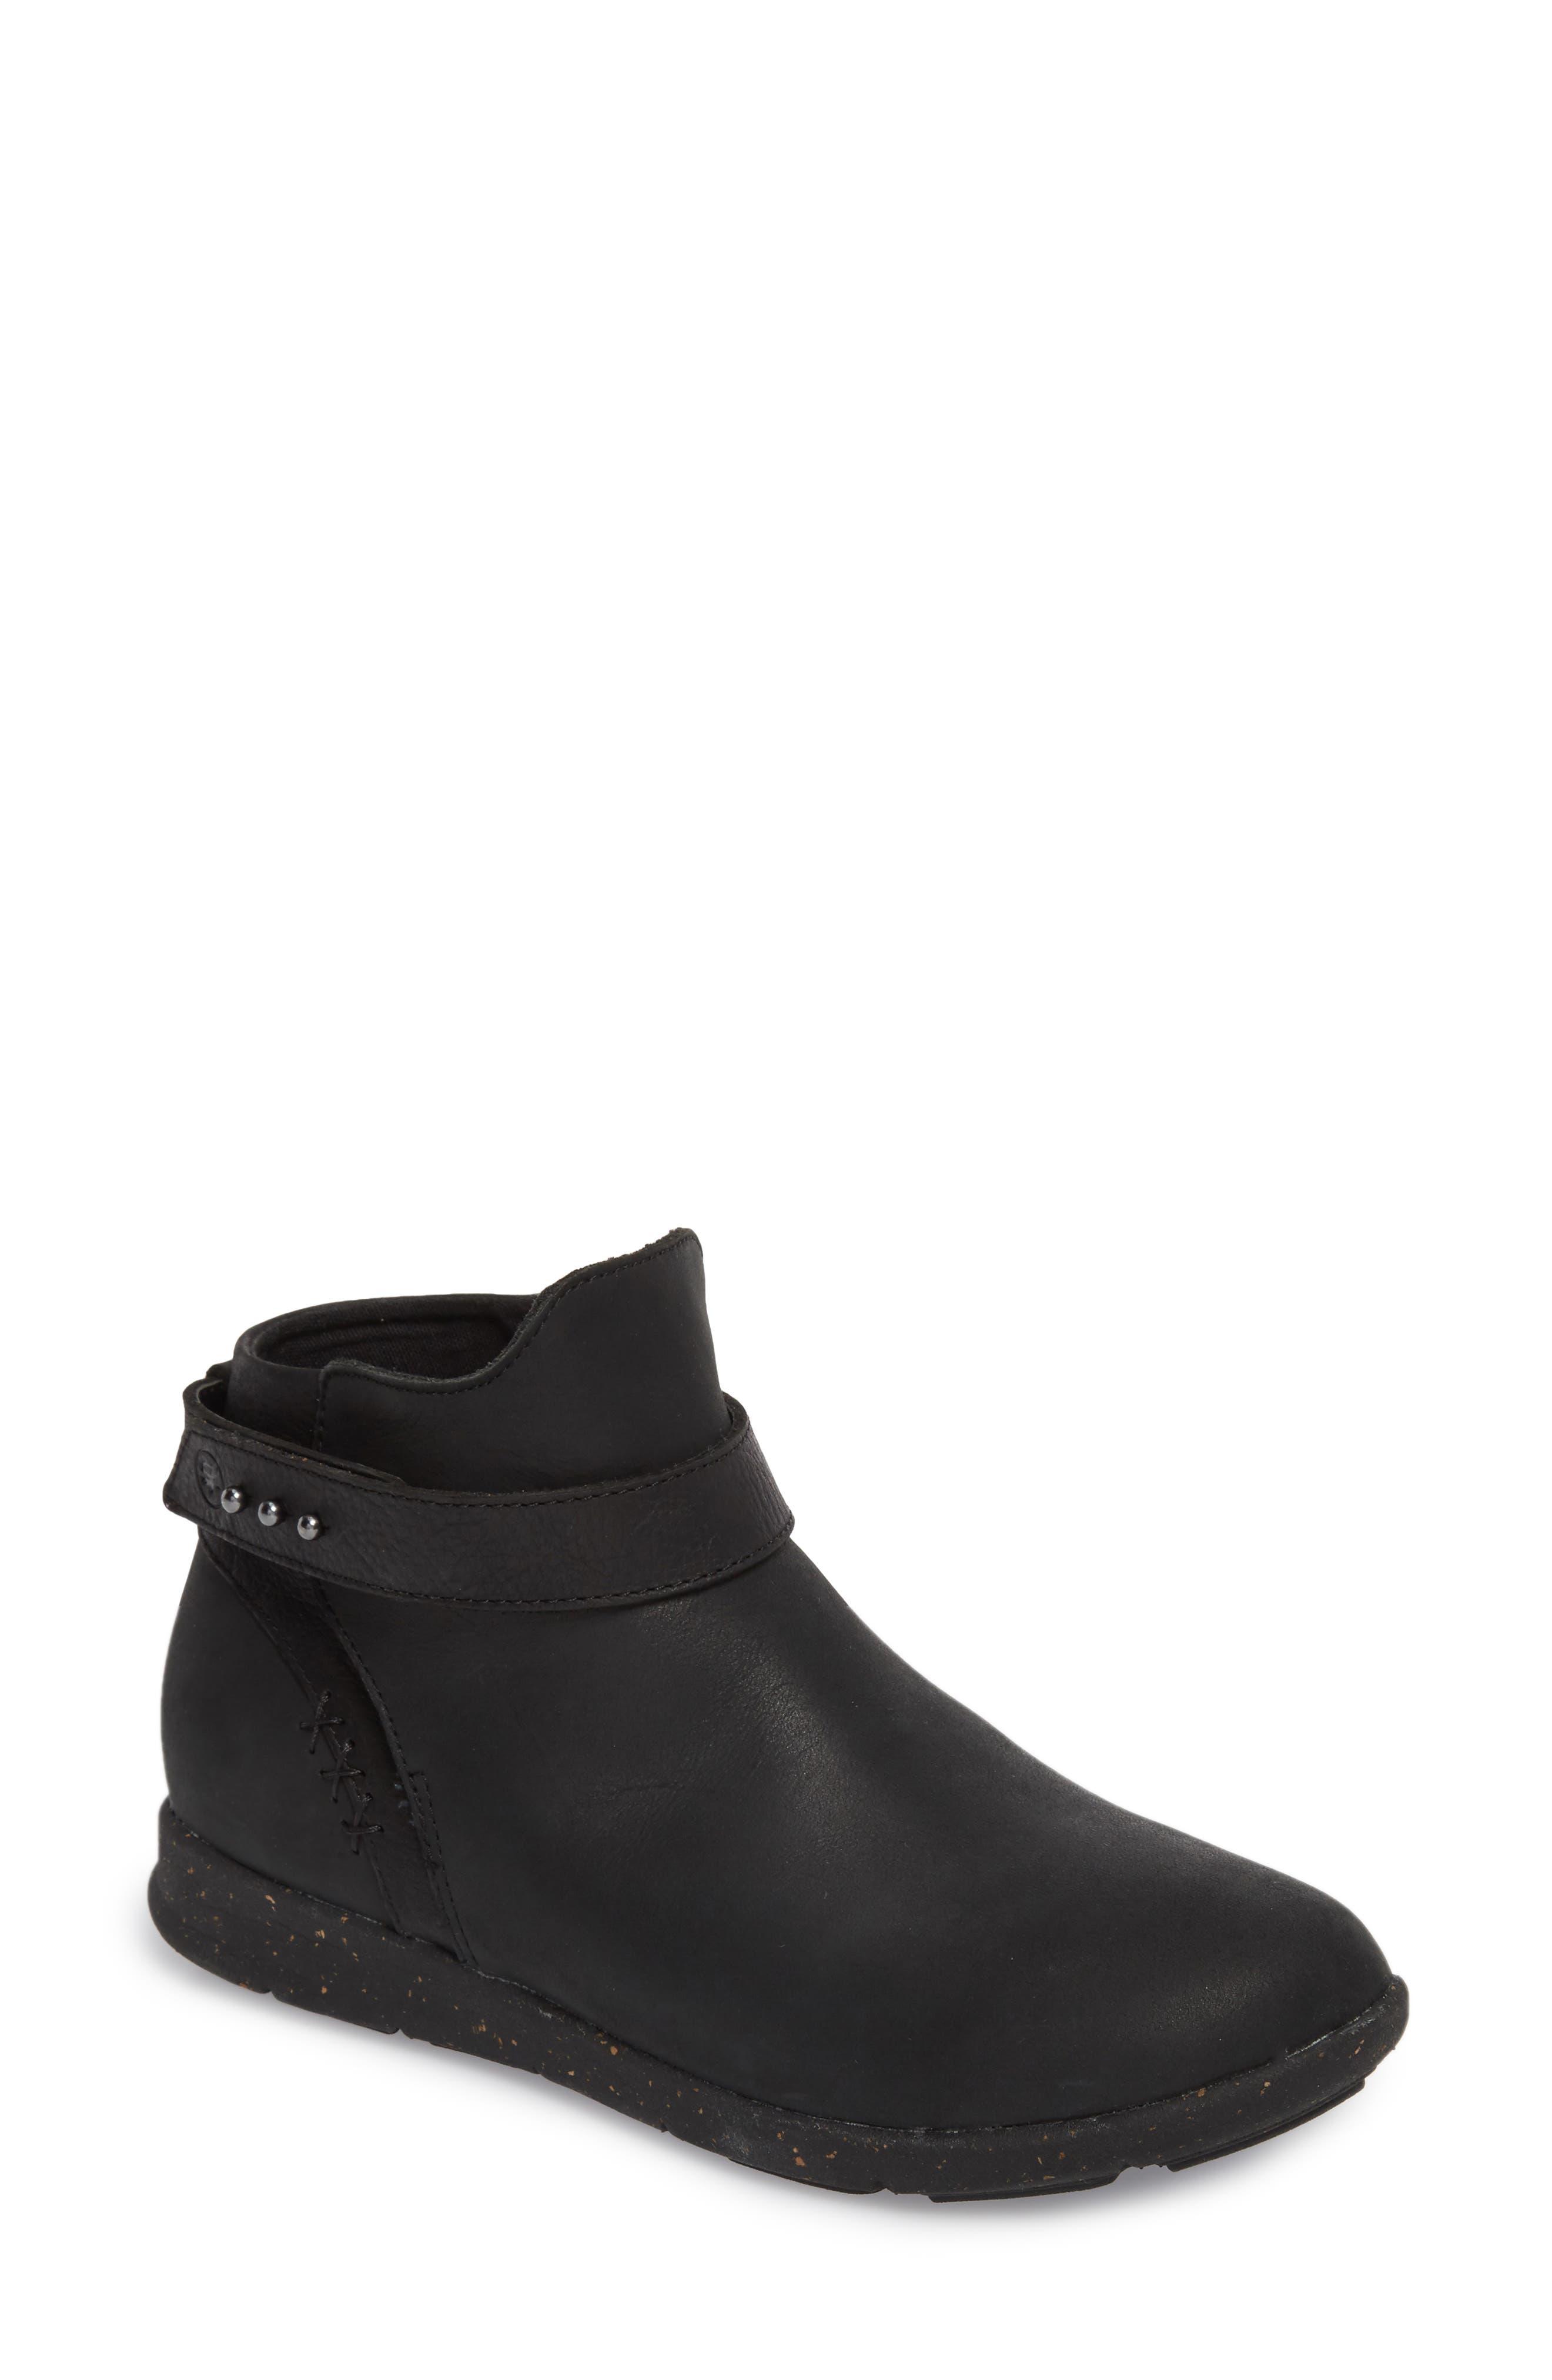 Ash Bootie,                             Main thumbnail 1, color,                             Black Leather